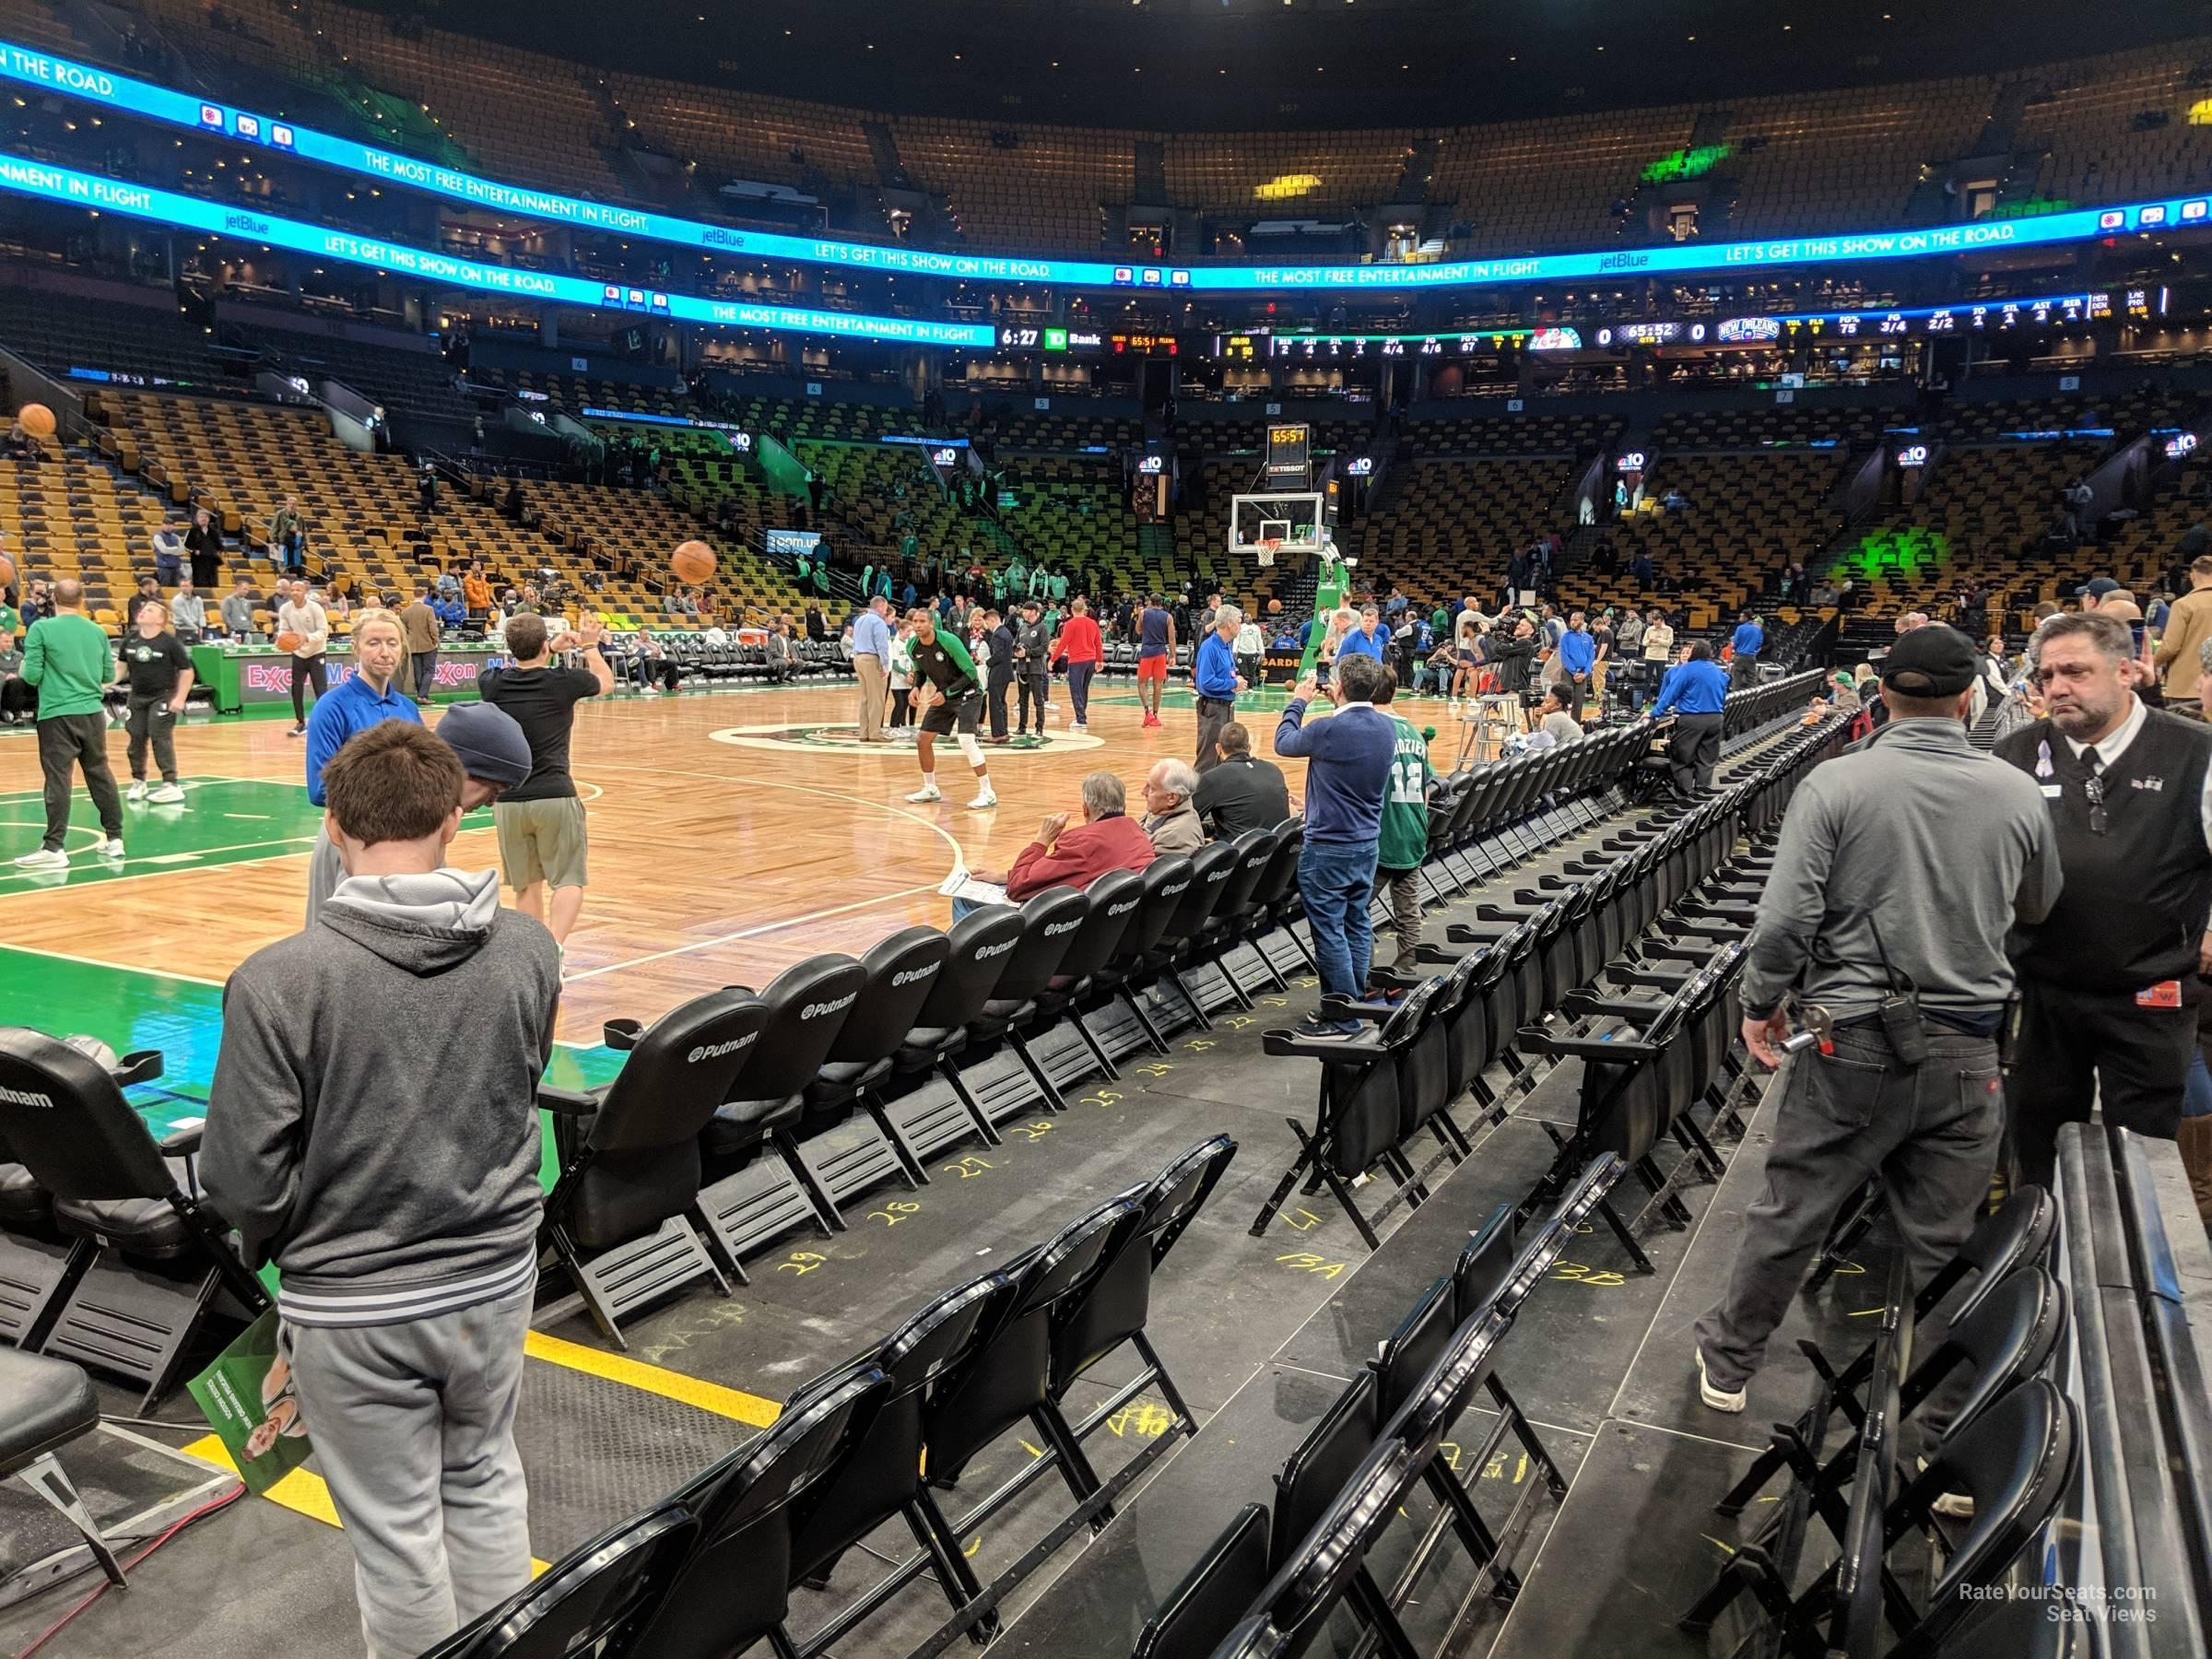 Td Garden Floor 13 Boston Celtics Rateyourseats Com